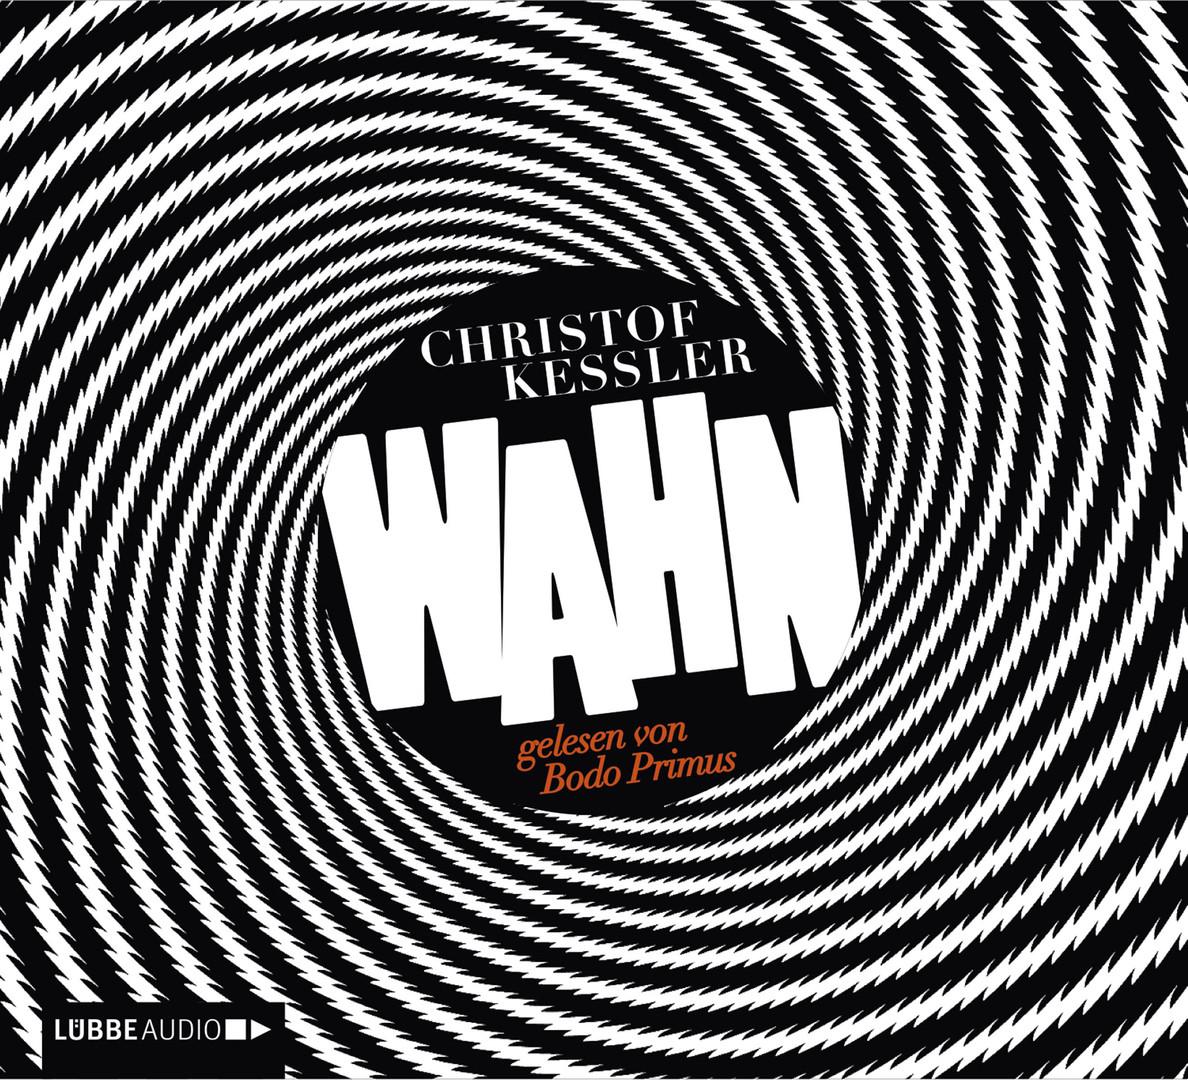 Christof Kessler - Wahn